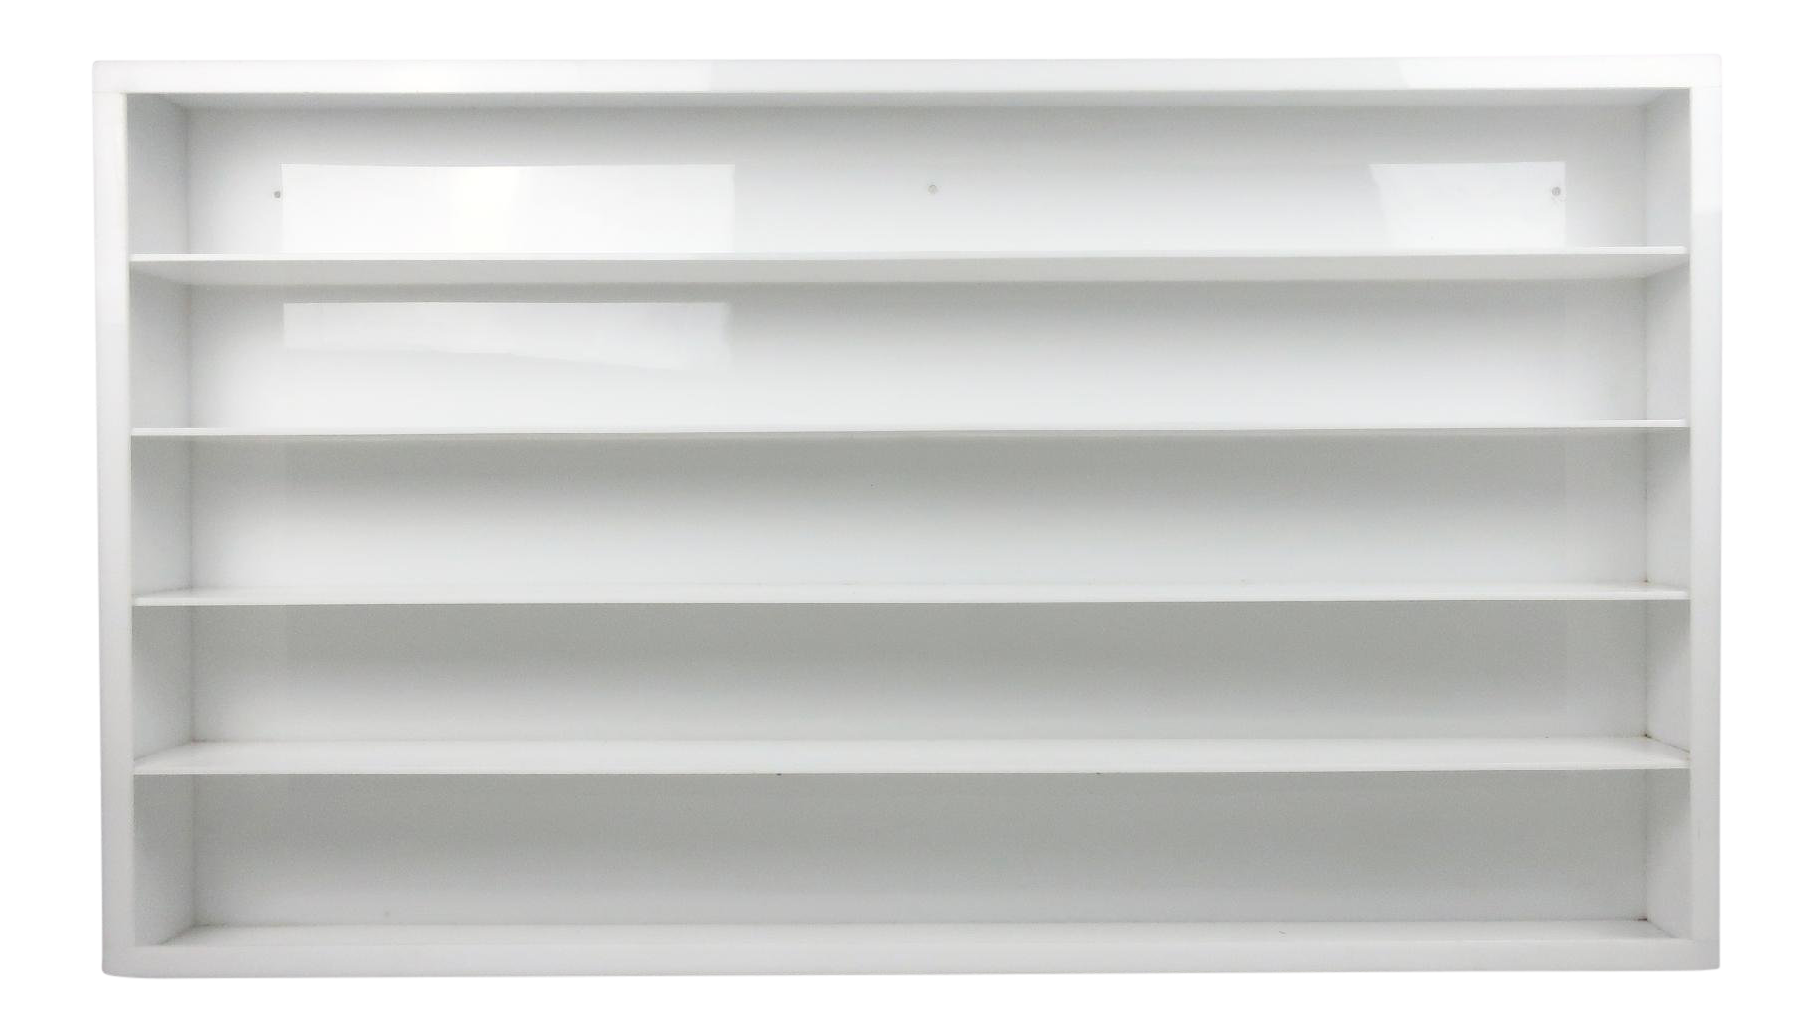 Vintage White Acrylic Shelving